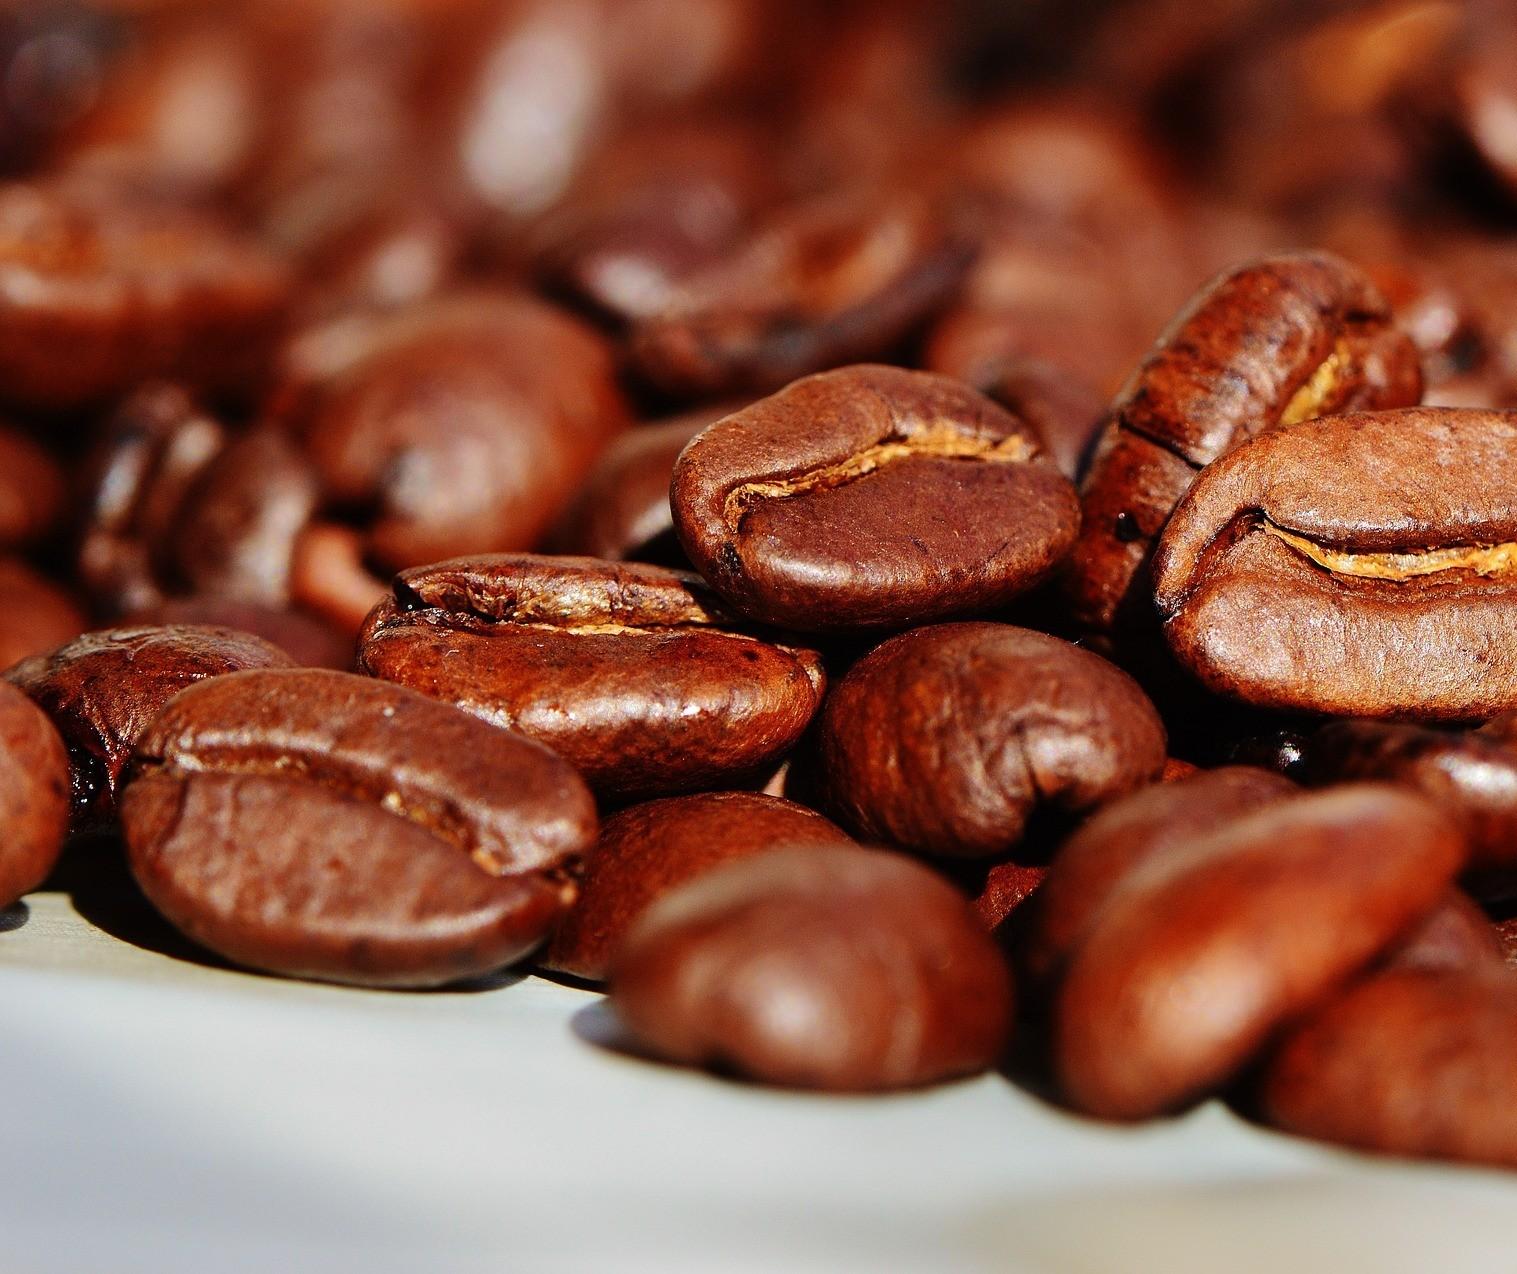 IBGE reduz estimativa de safra de café do Brasil em 2020